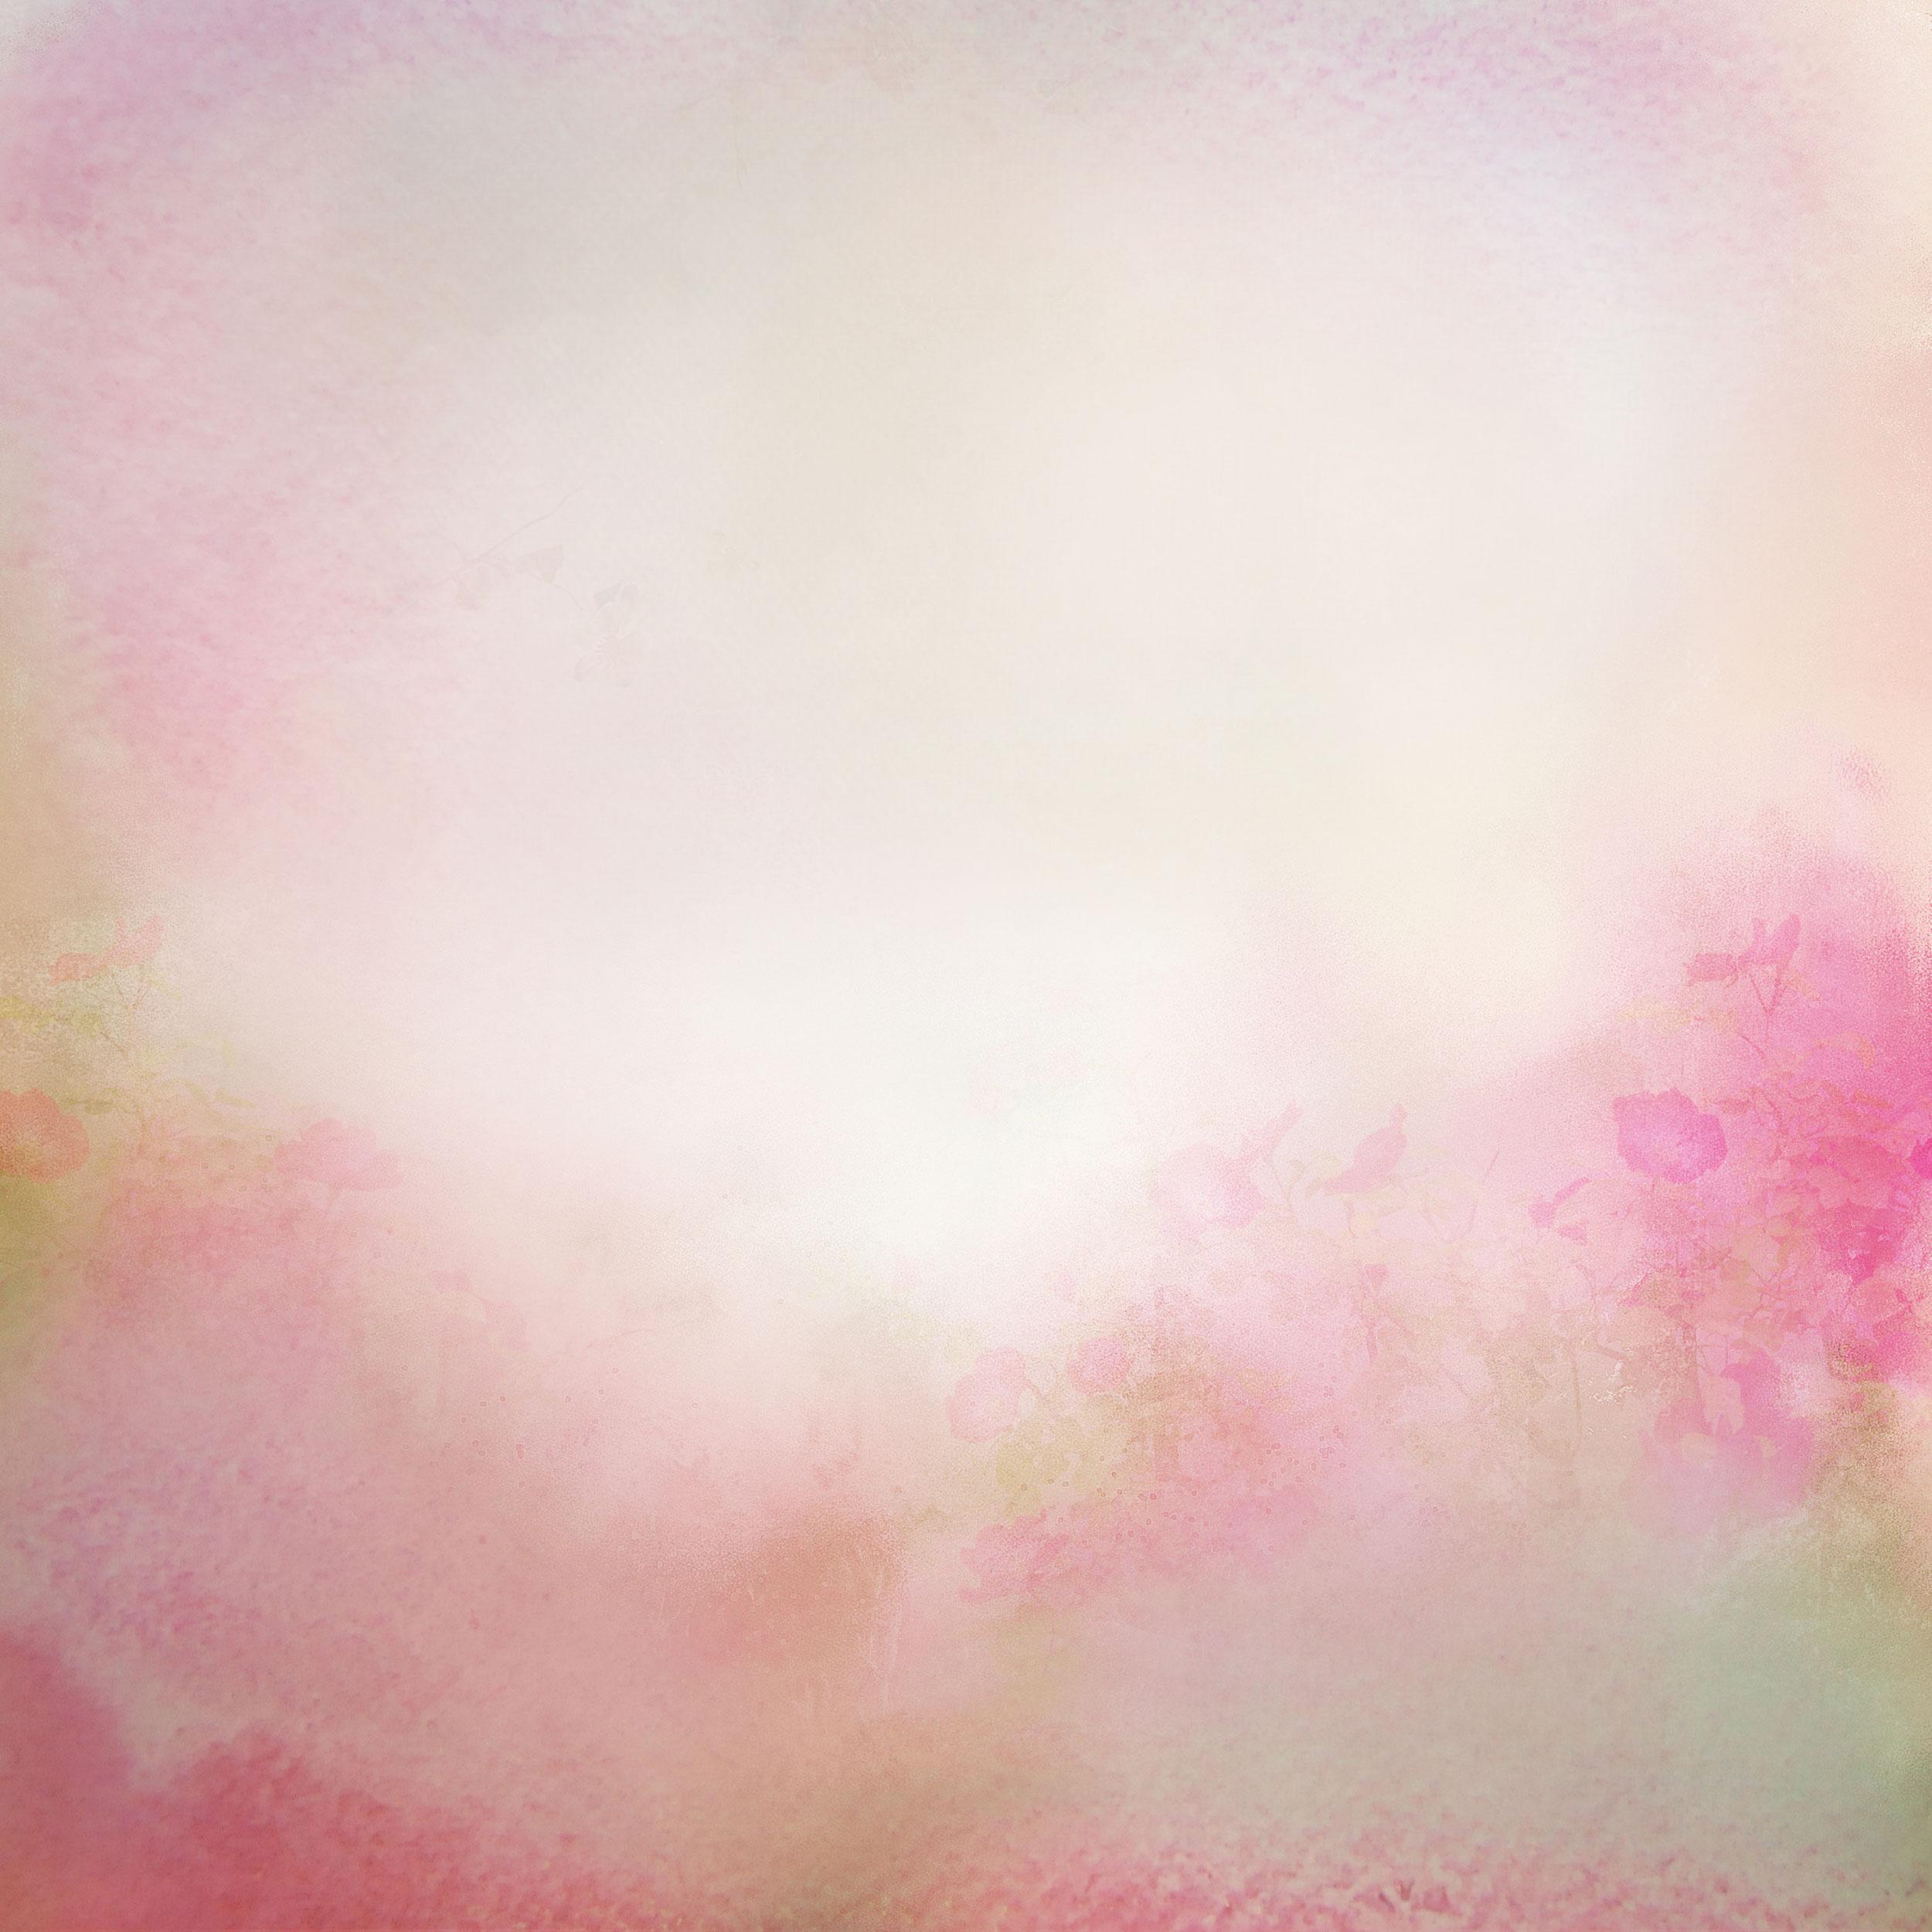 花のイラスト 壁紙 背景 無料のフリー素材集 百花繚乱